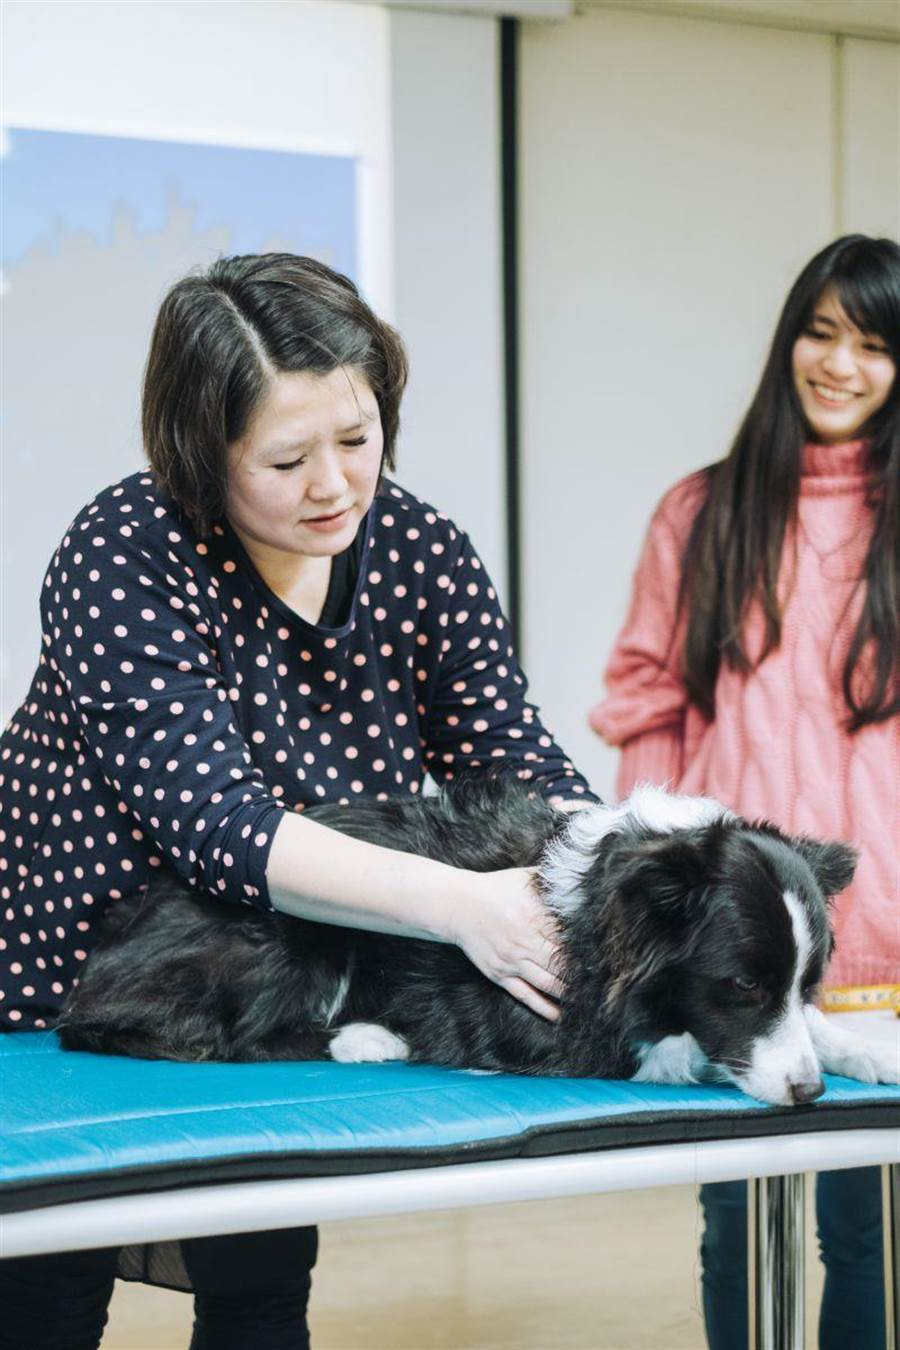 動保處開設課程培訓人員進行犬隻按摩。(譚宇哲翻攝)